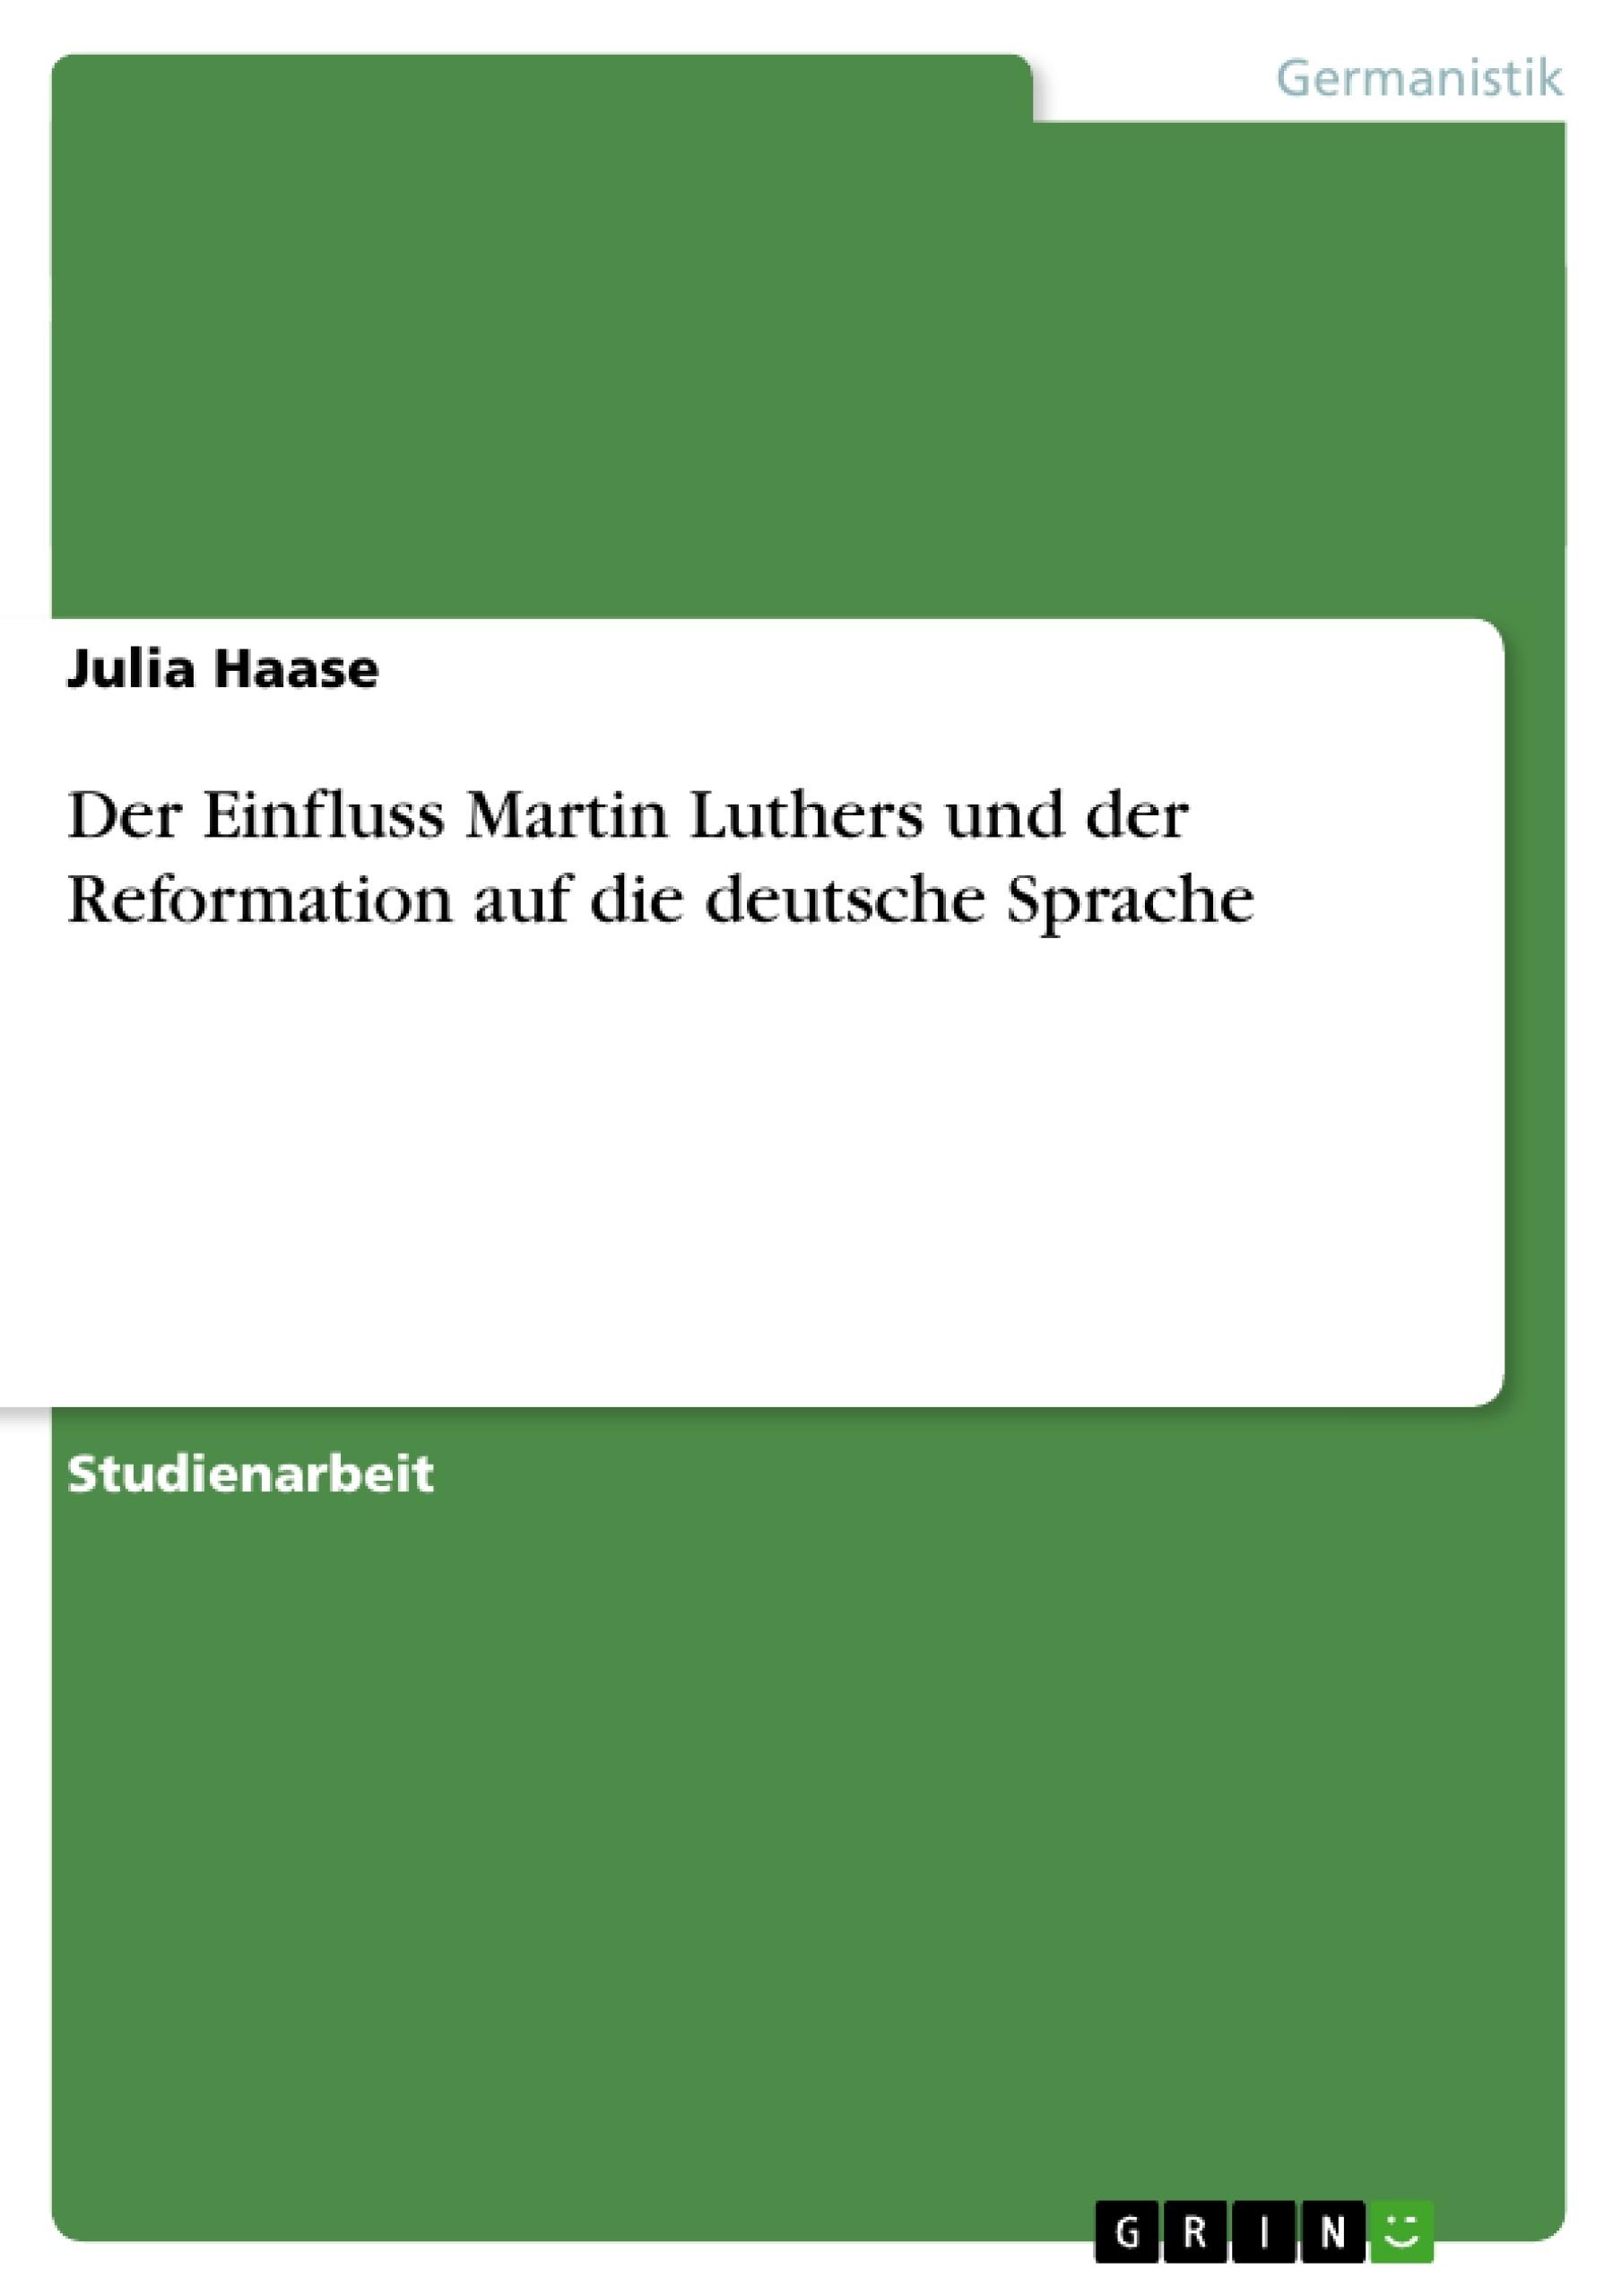 Titel: Der Einfluss Martin Luthers und der Reformation auf die deutsche Sprache